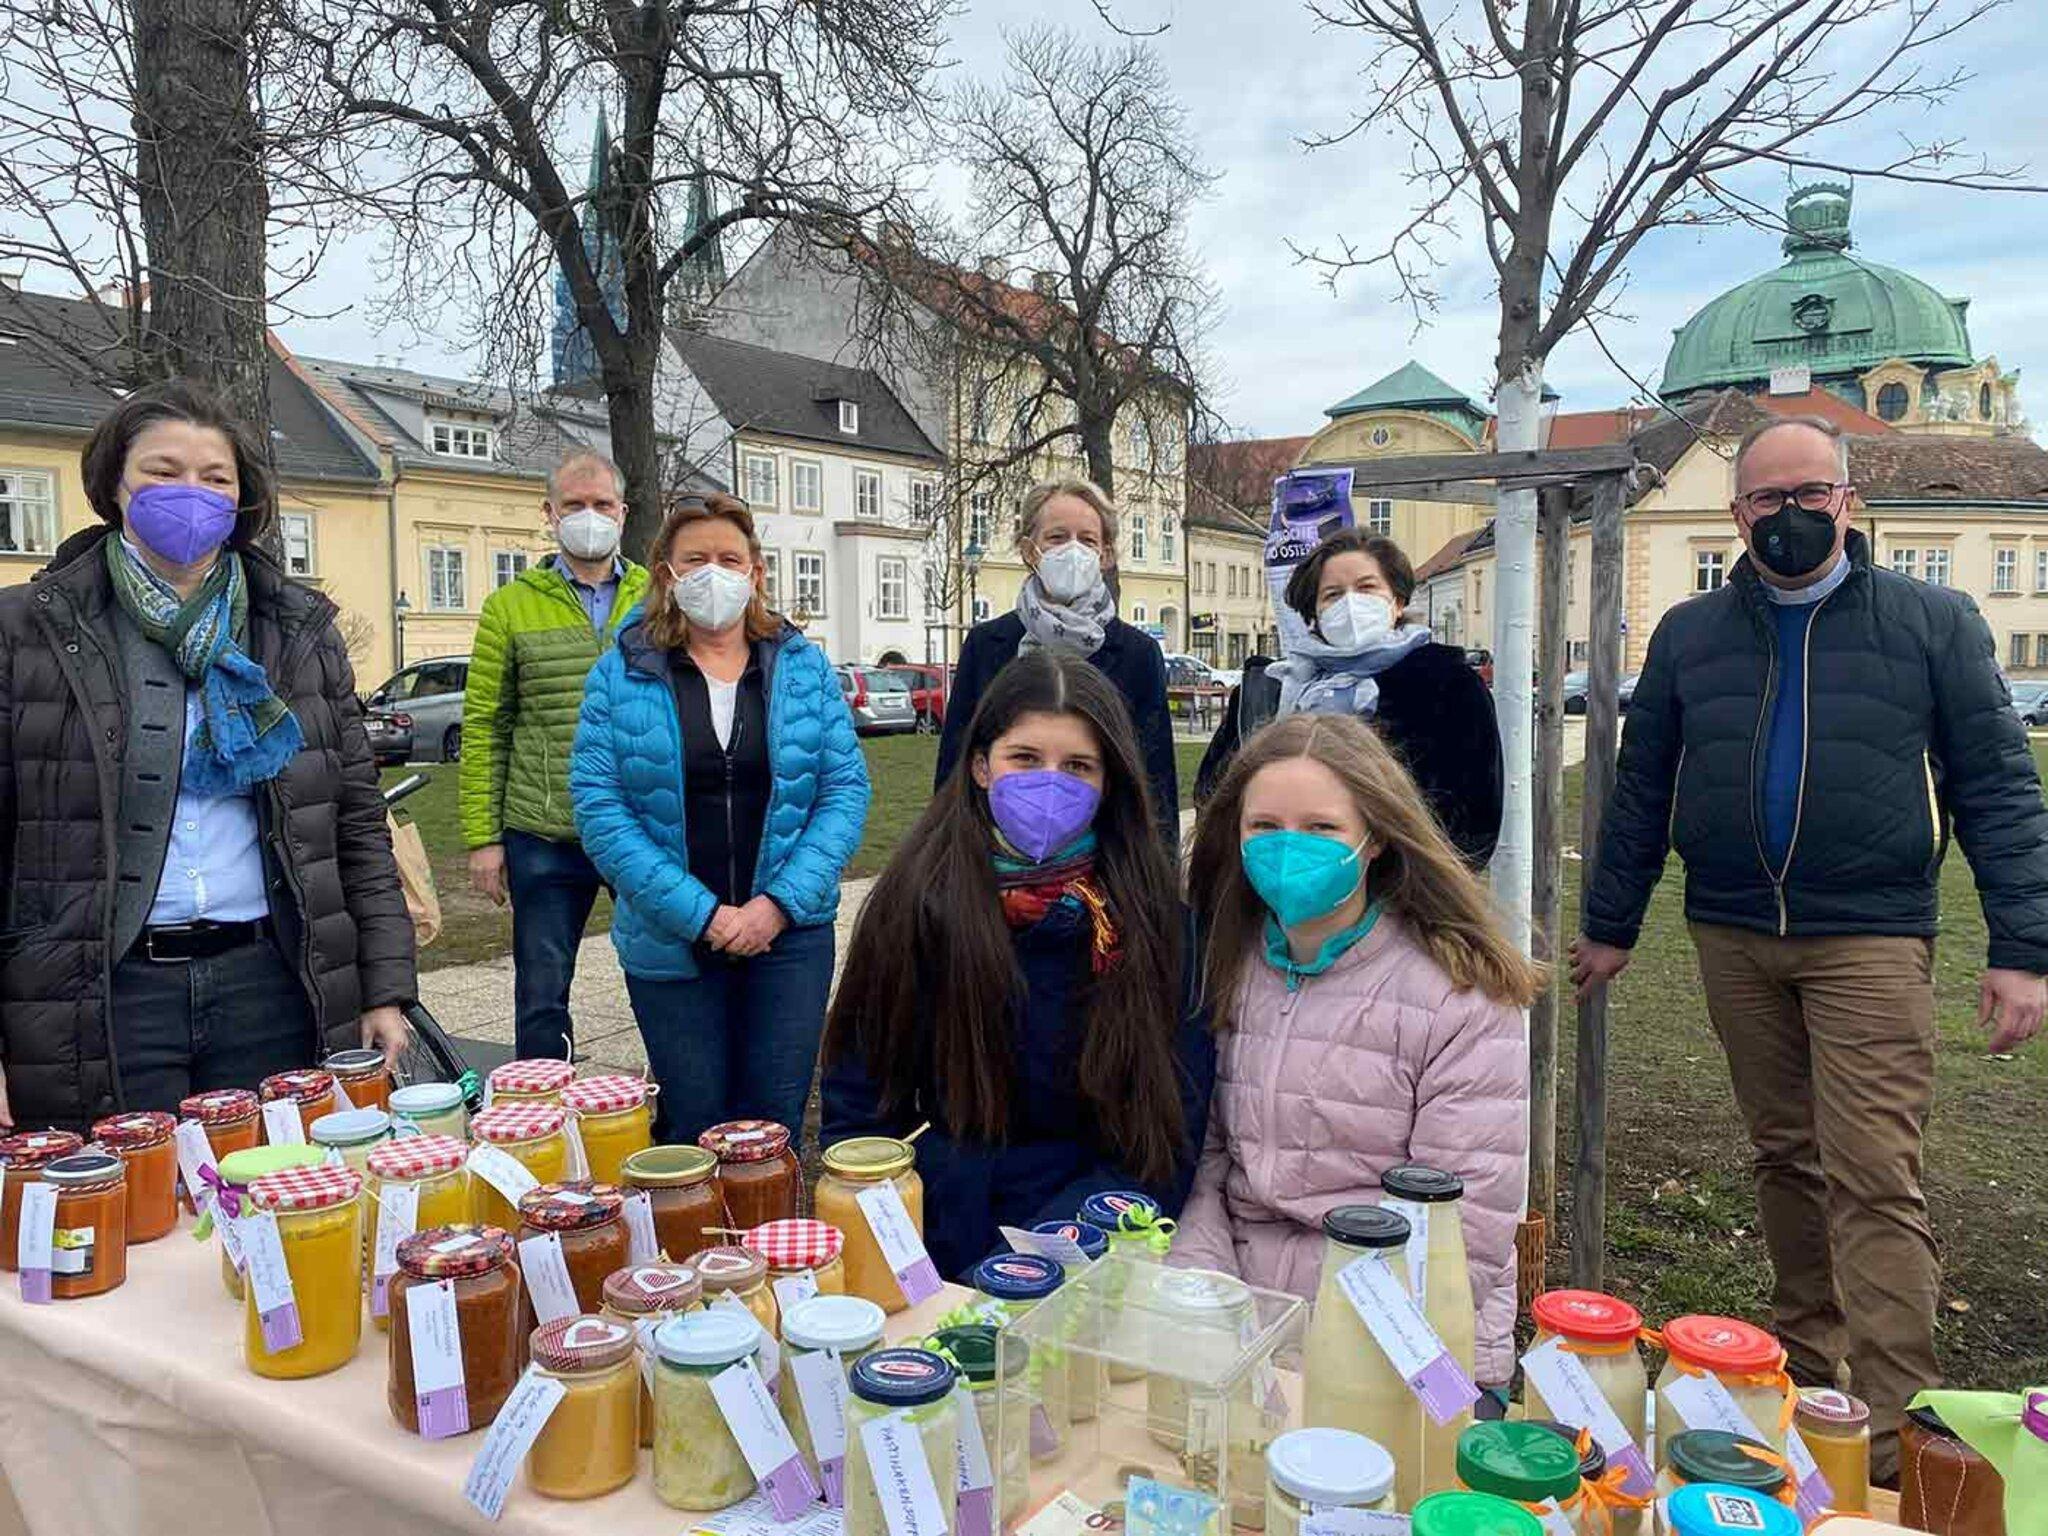 Aktion Familienfasttag 2021 Fastensuppenessen in der Stiftspfarre Klosterneuburg.